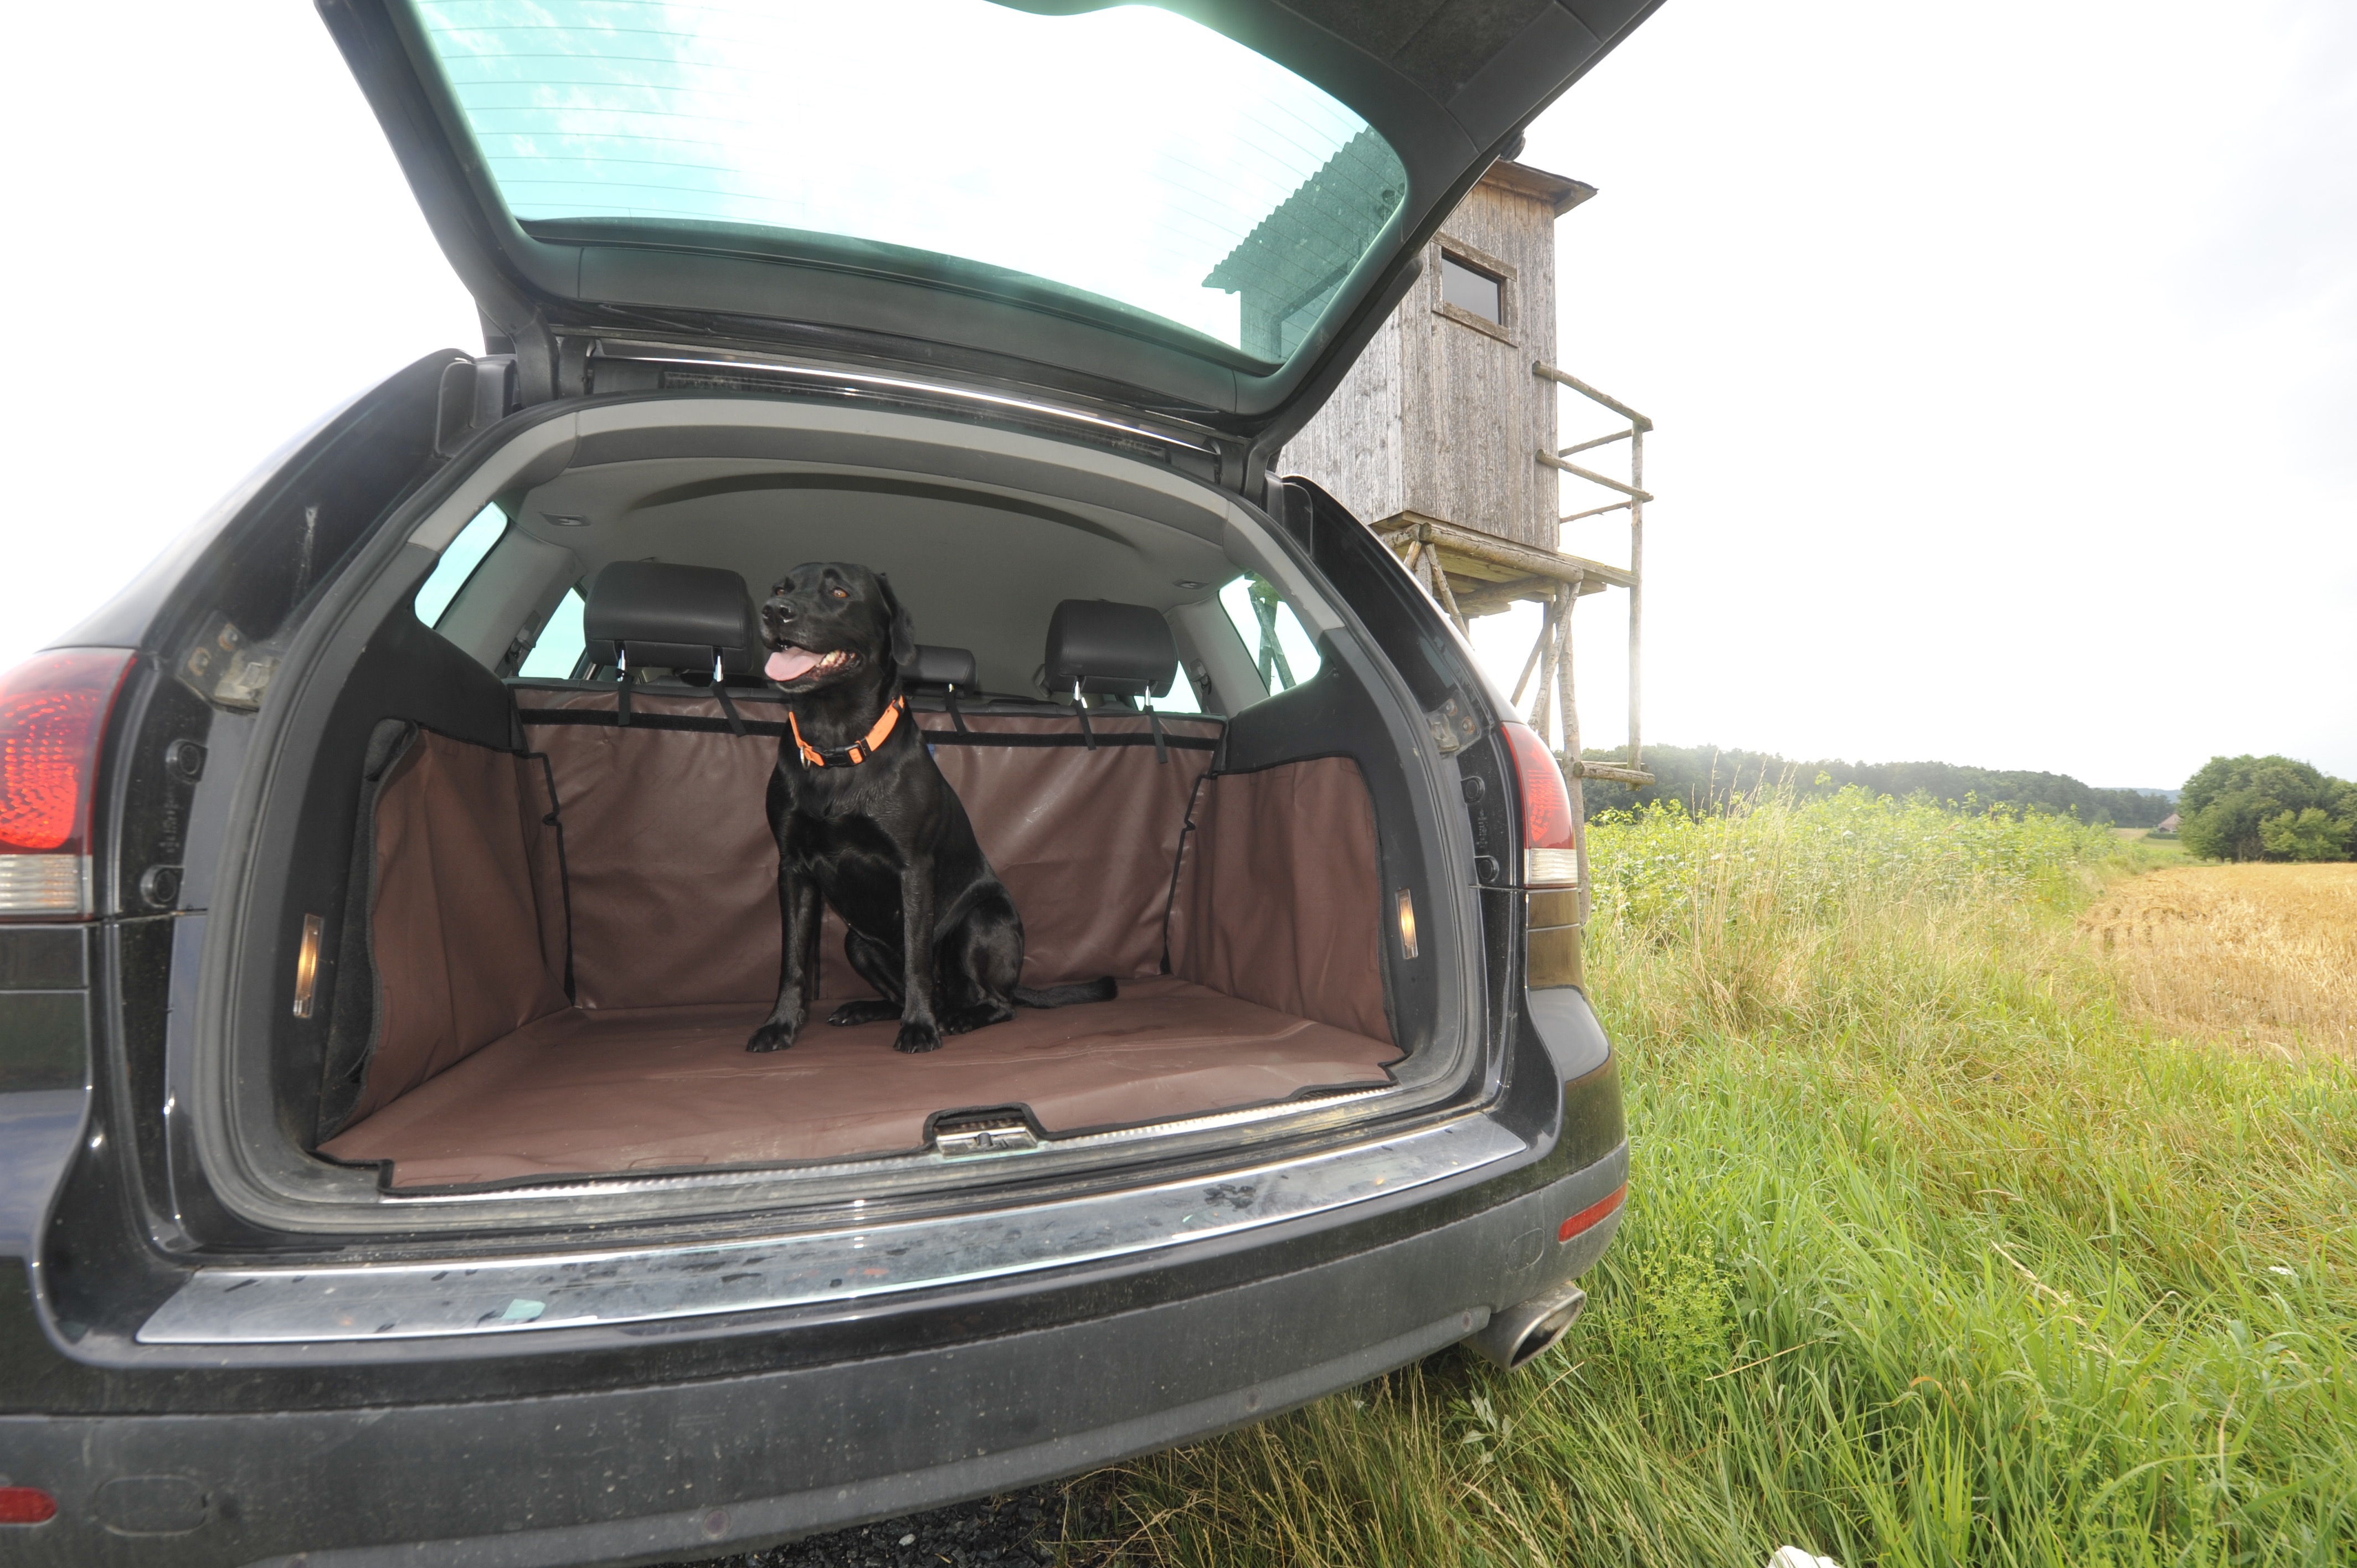 Nikon Laser Entfernungsmesser Aculon Al11 Test : Produkttest u seite jagd und natur